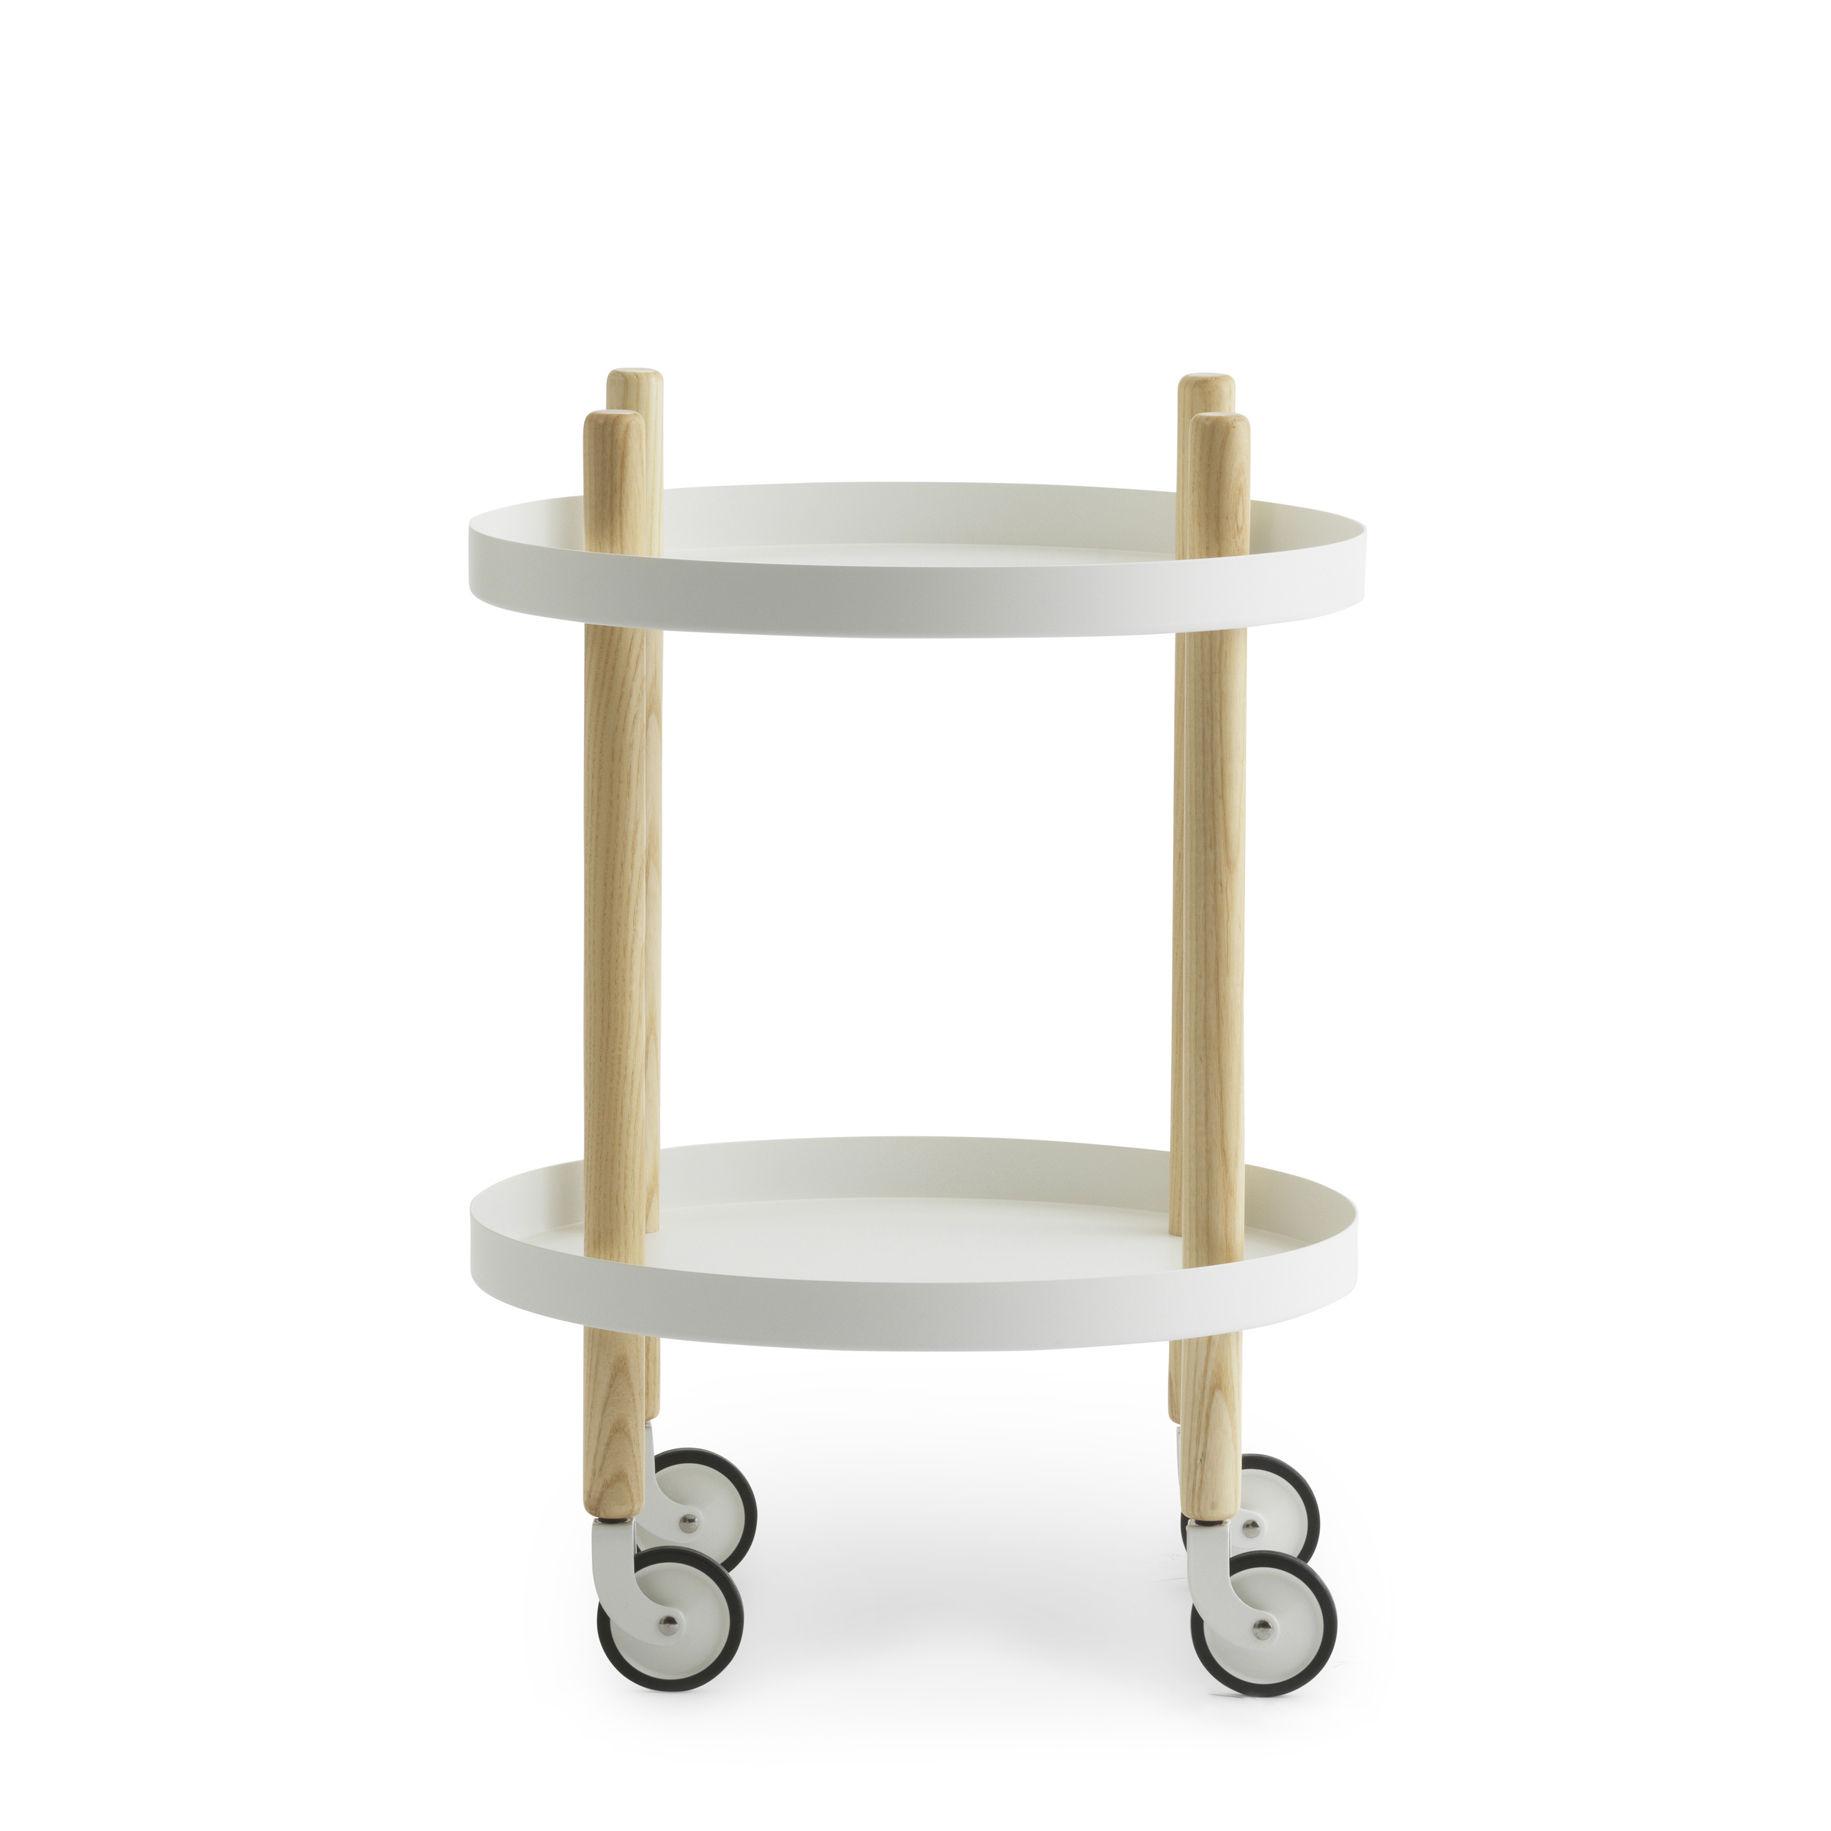 Arredamento - Complementi d'arredo - Carrello/tavolo d'appoggio Block - / Ø 45 cm di Normann Copenhagen - Bianco - Acciaio, Frassino